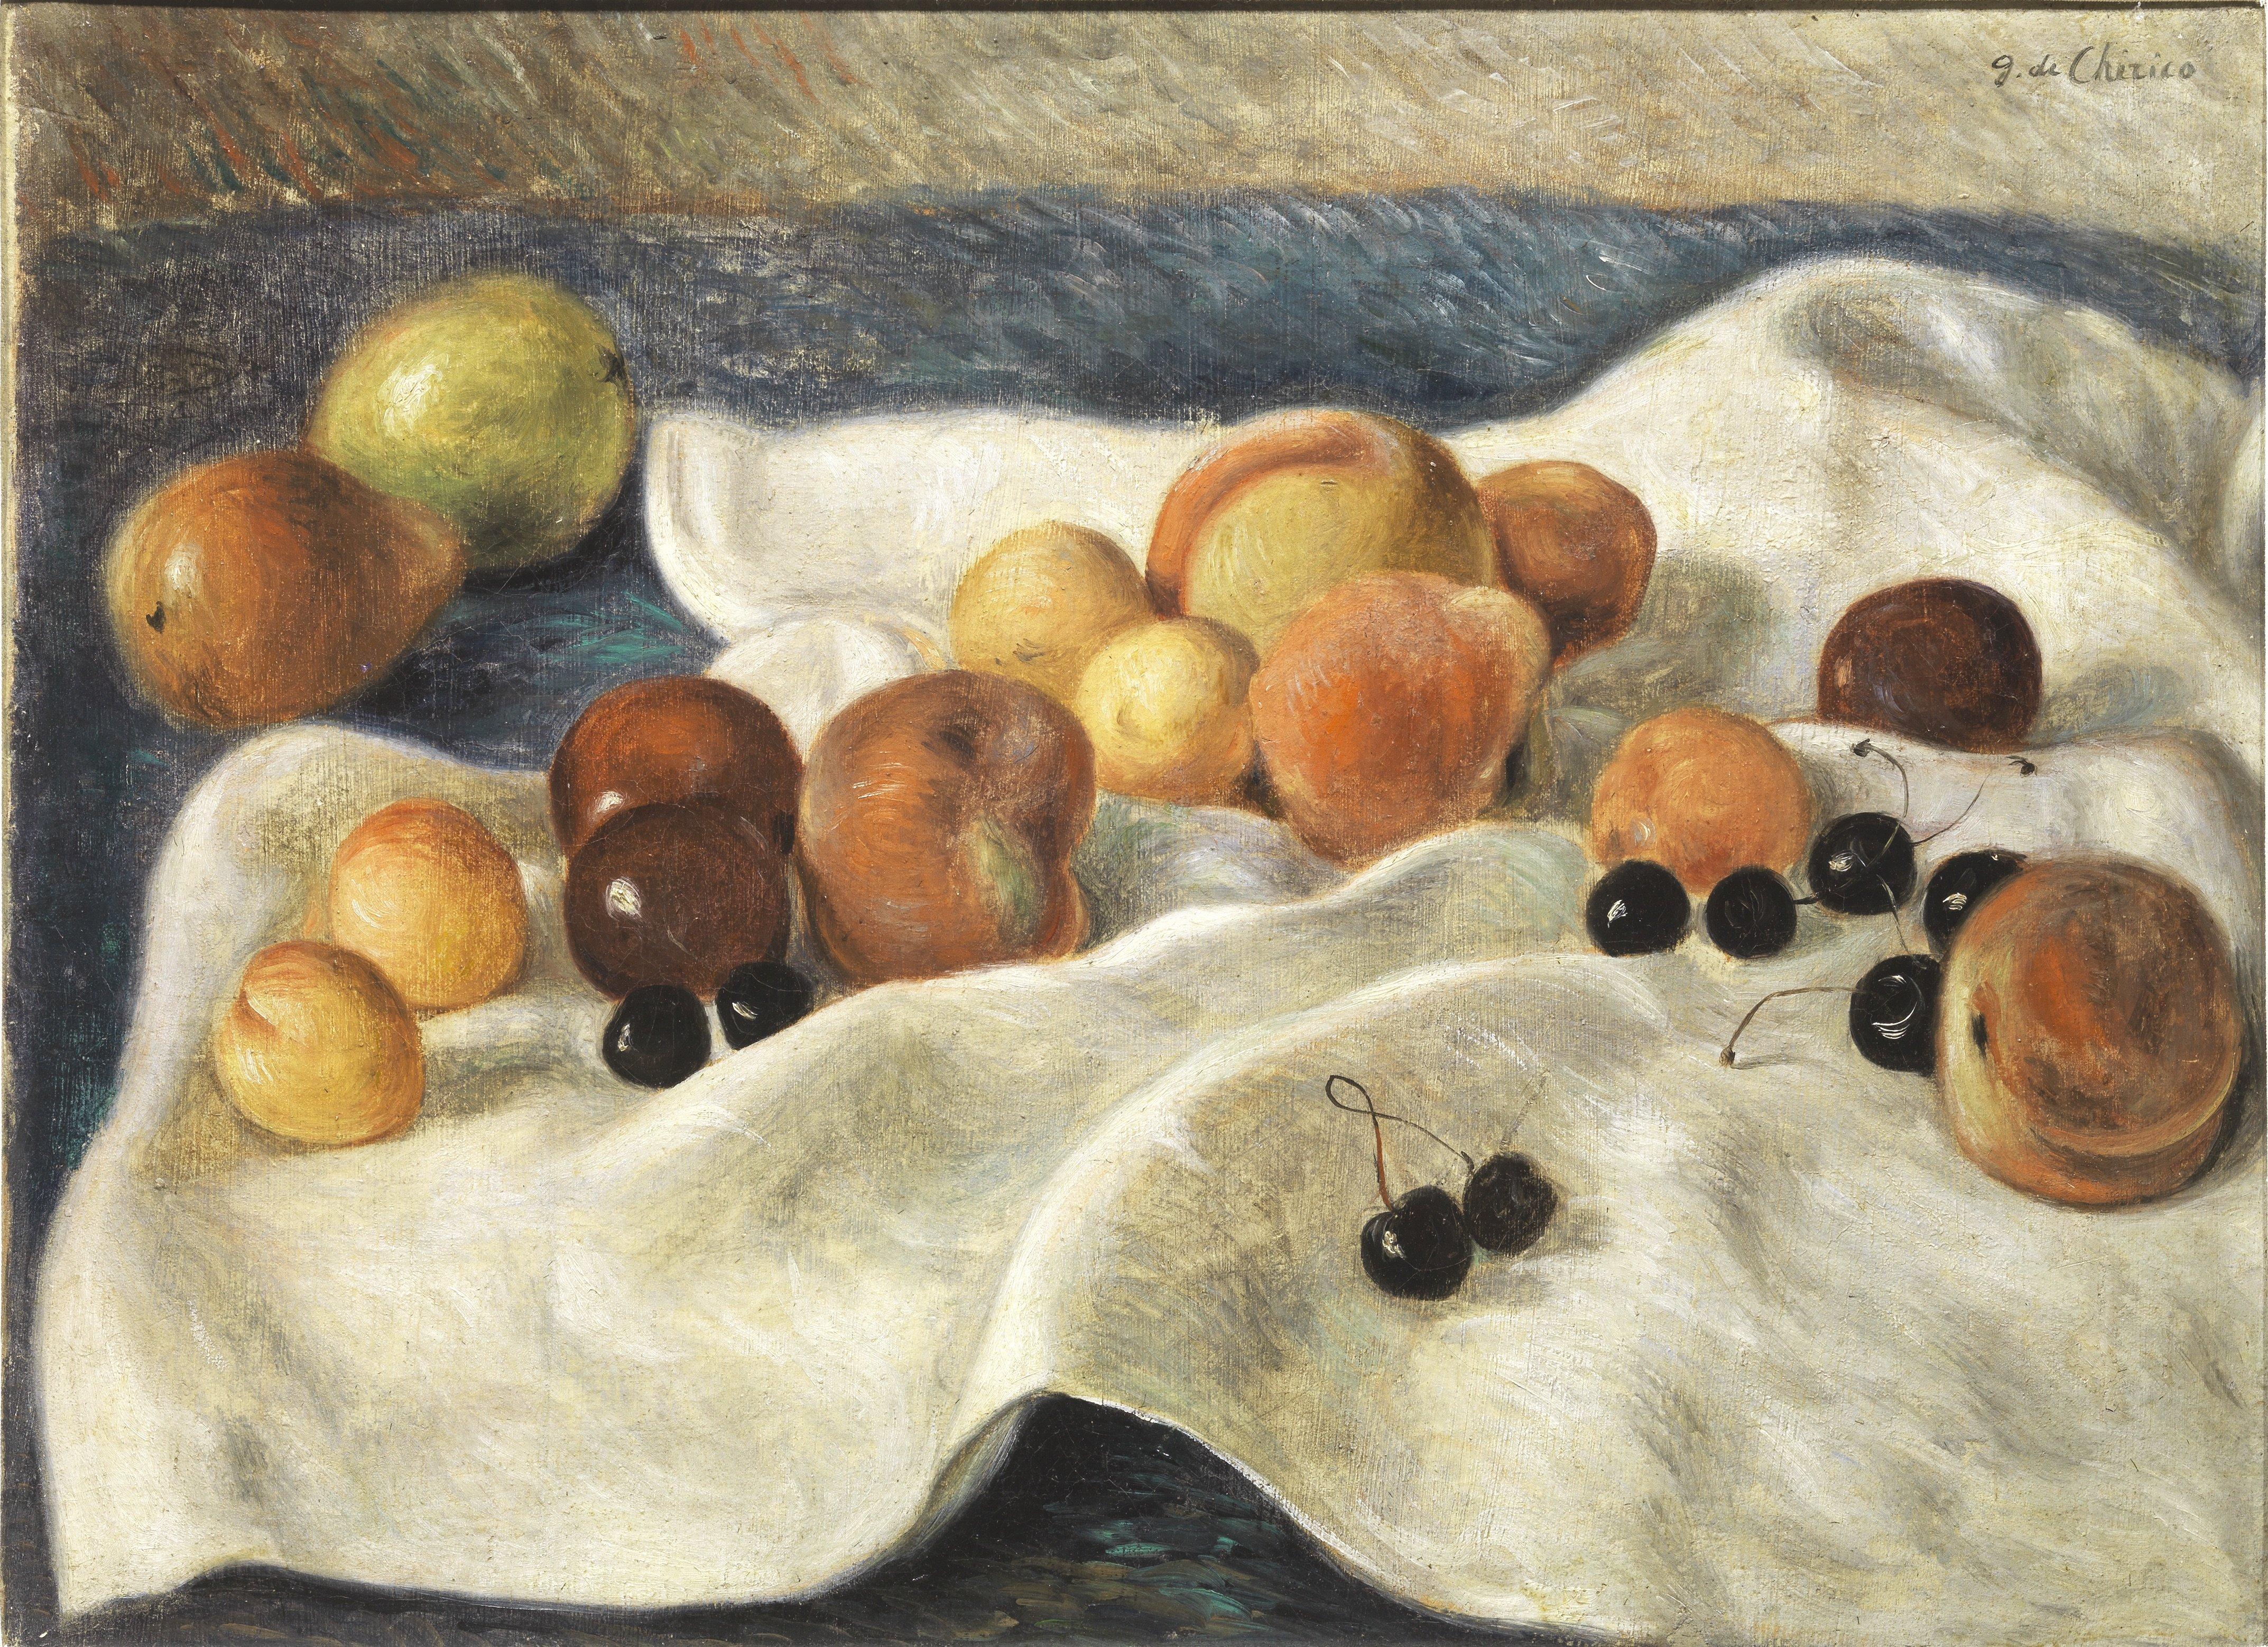 Giorgio de Chirico, Natura morta, 1930, 53.5x74 cm